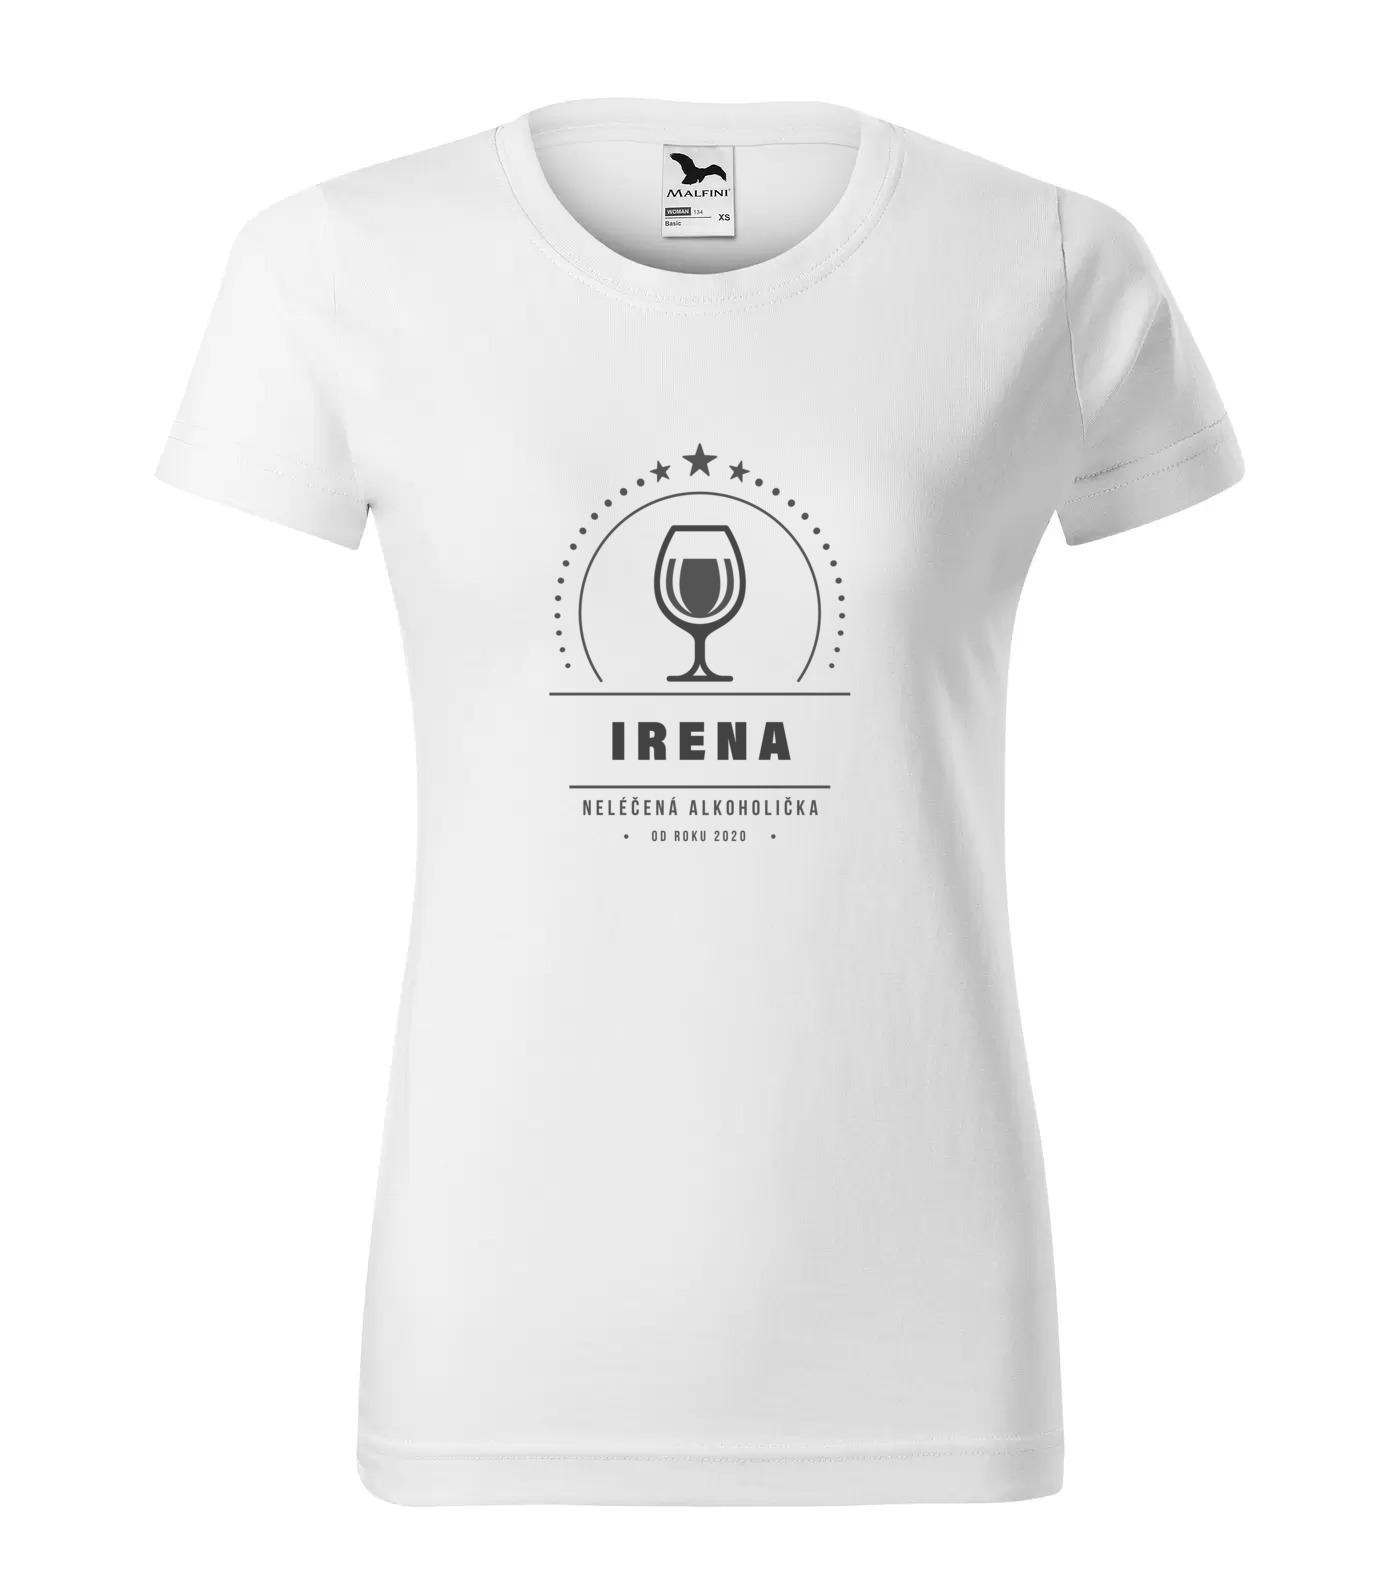 Tričko Alkoholička Irena